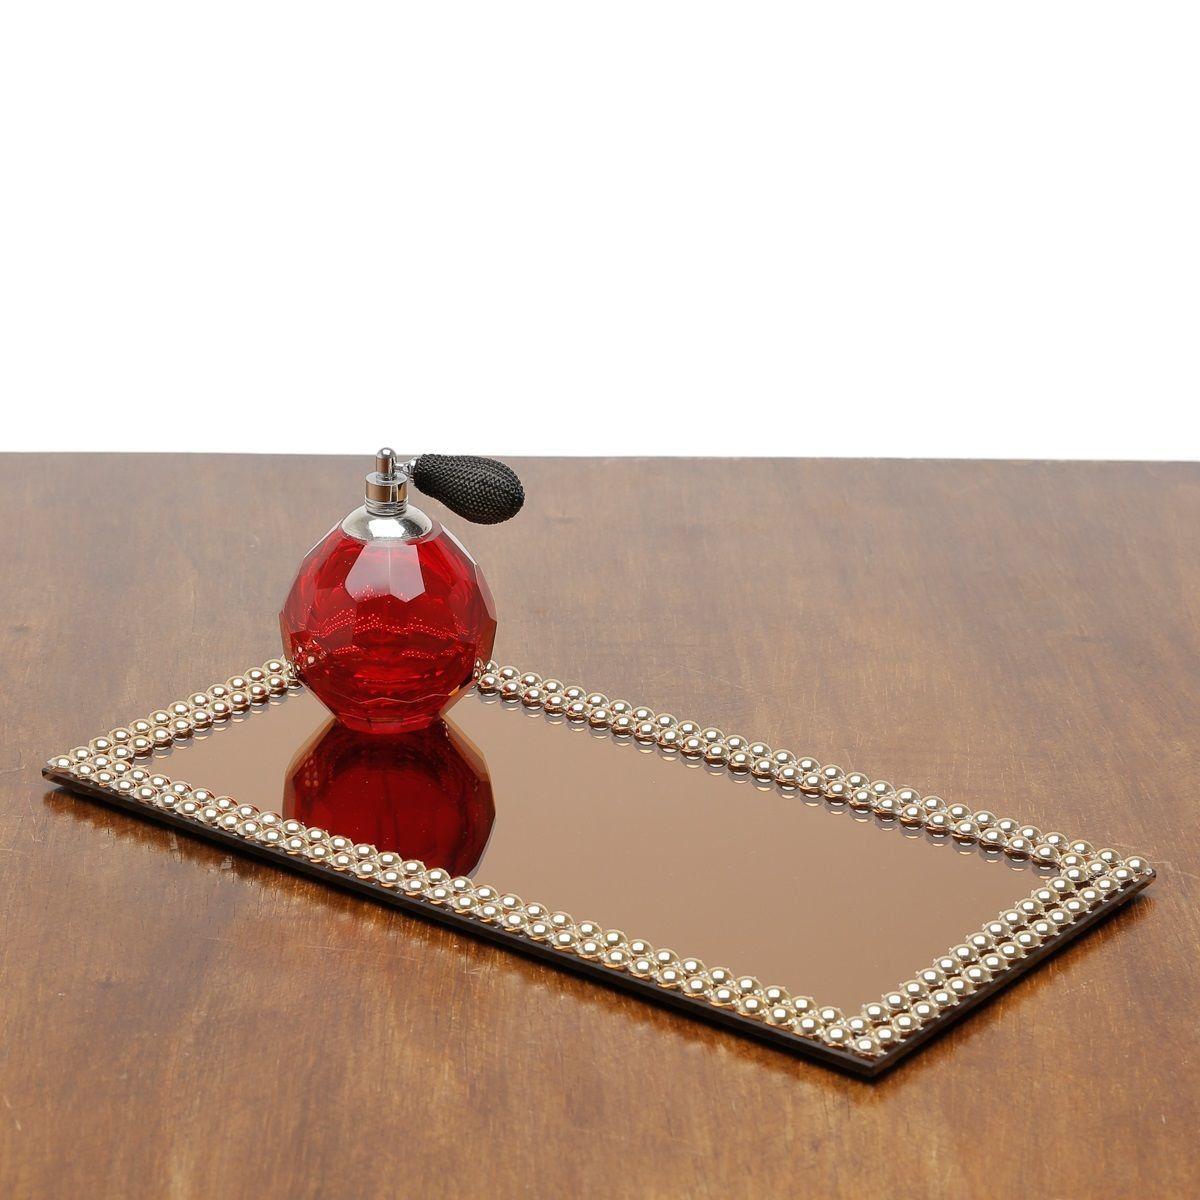 Base, Suporte 32 cm com espelho e acrílico dourado Hills Prestige - 2998